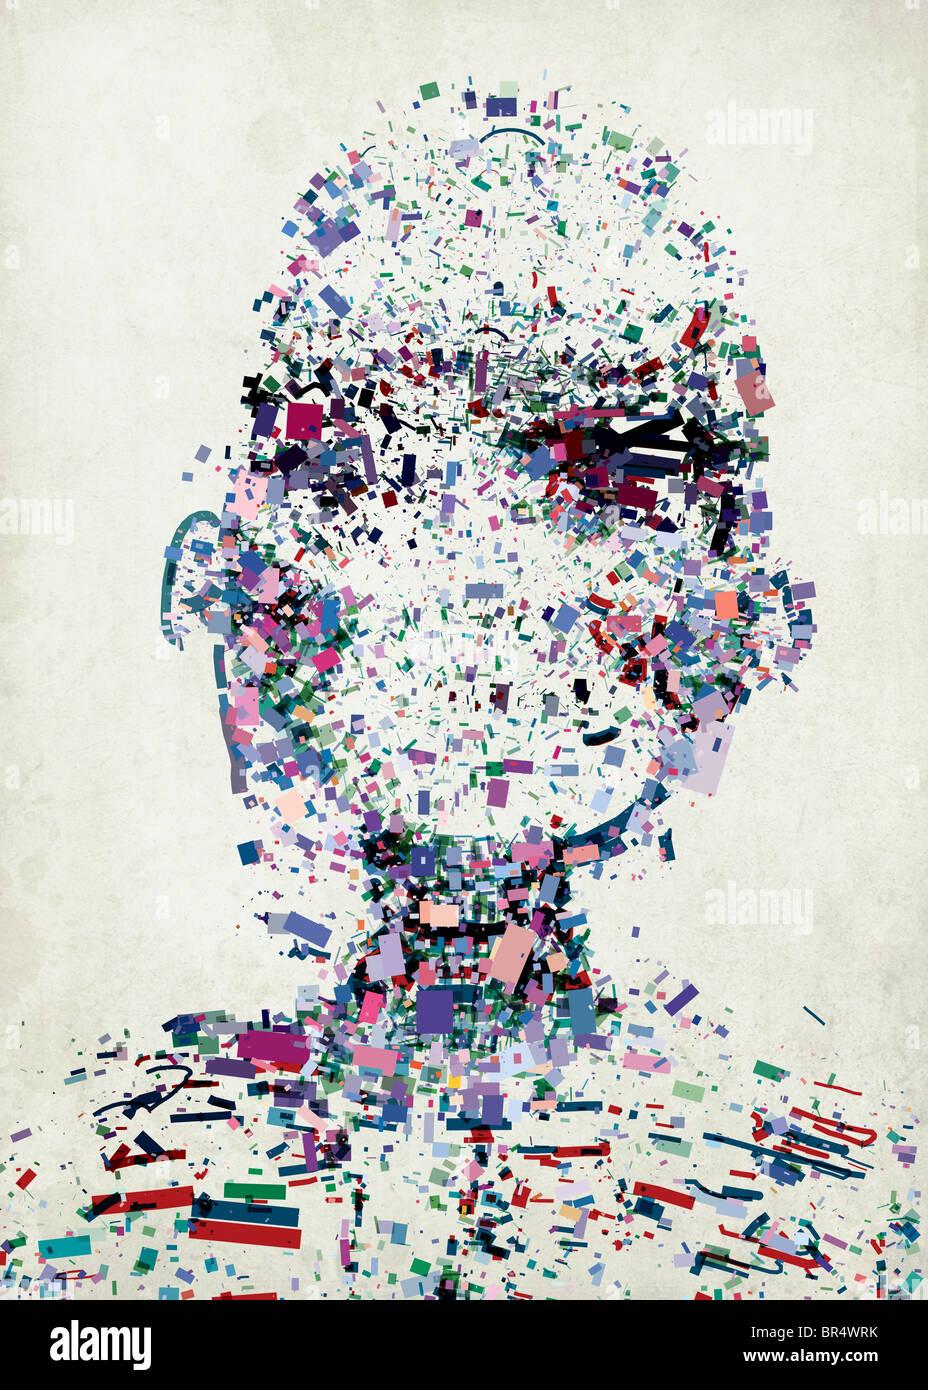 Una illustrazione astratta di un testa di persone costituite da una raccolta di frammenti colorati Immagini Stock